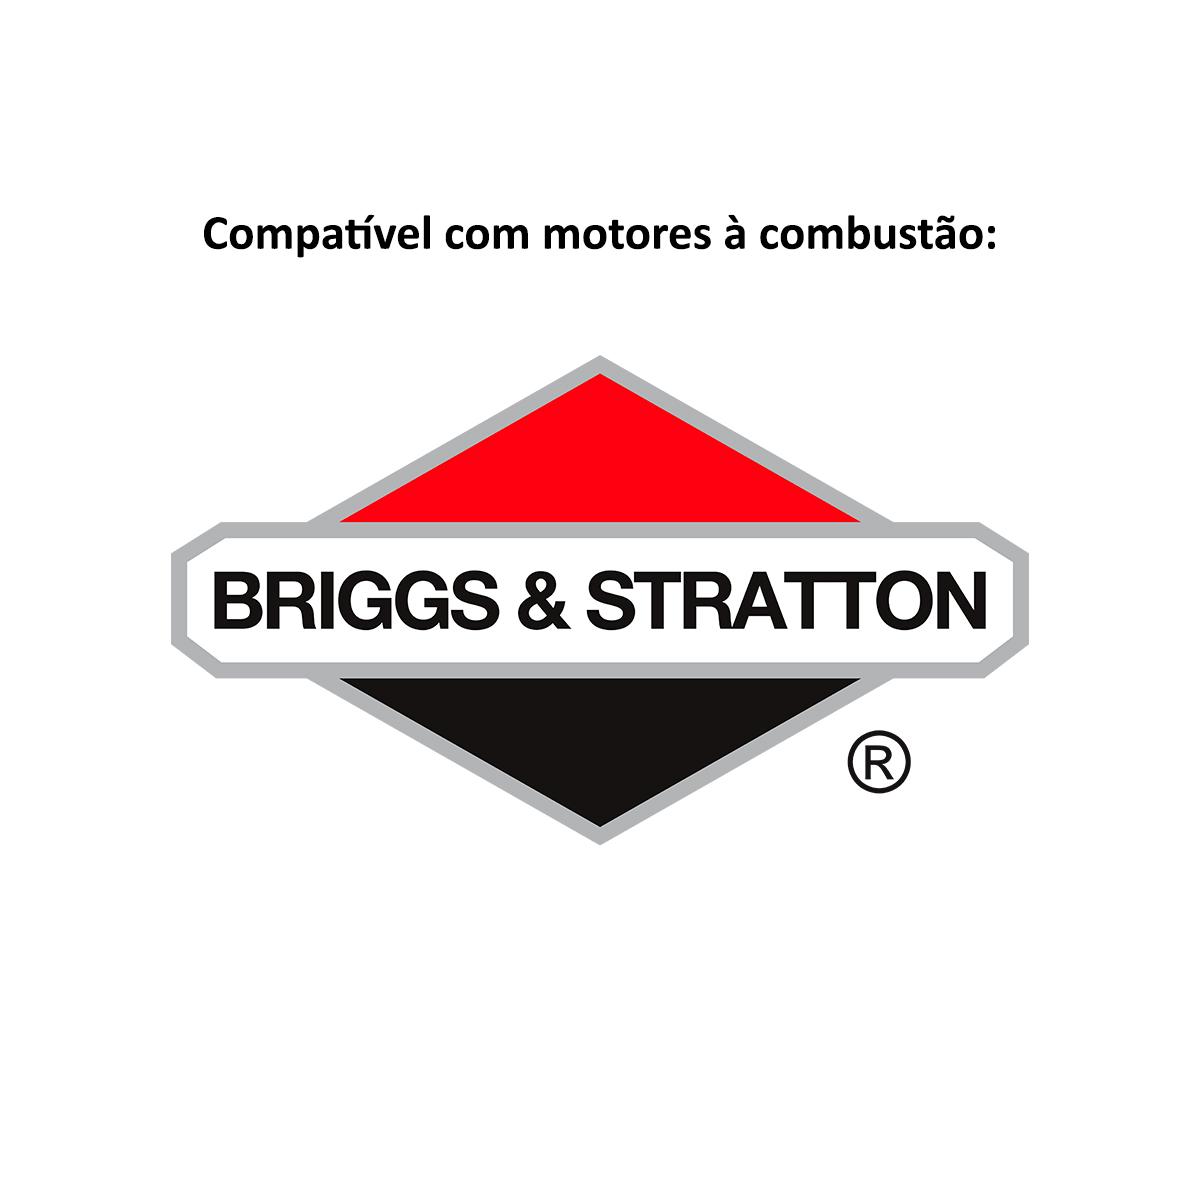 Filtro de AR para motores Briggs & Stratton à combustão